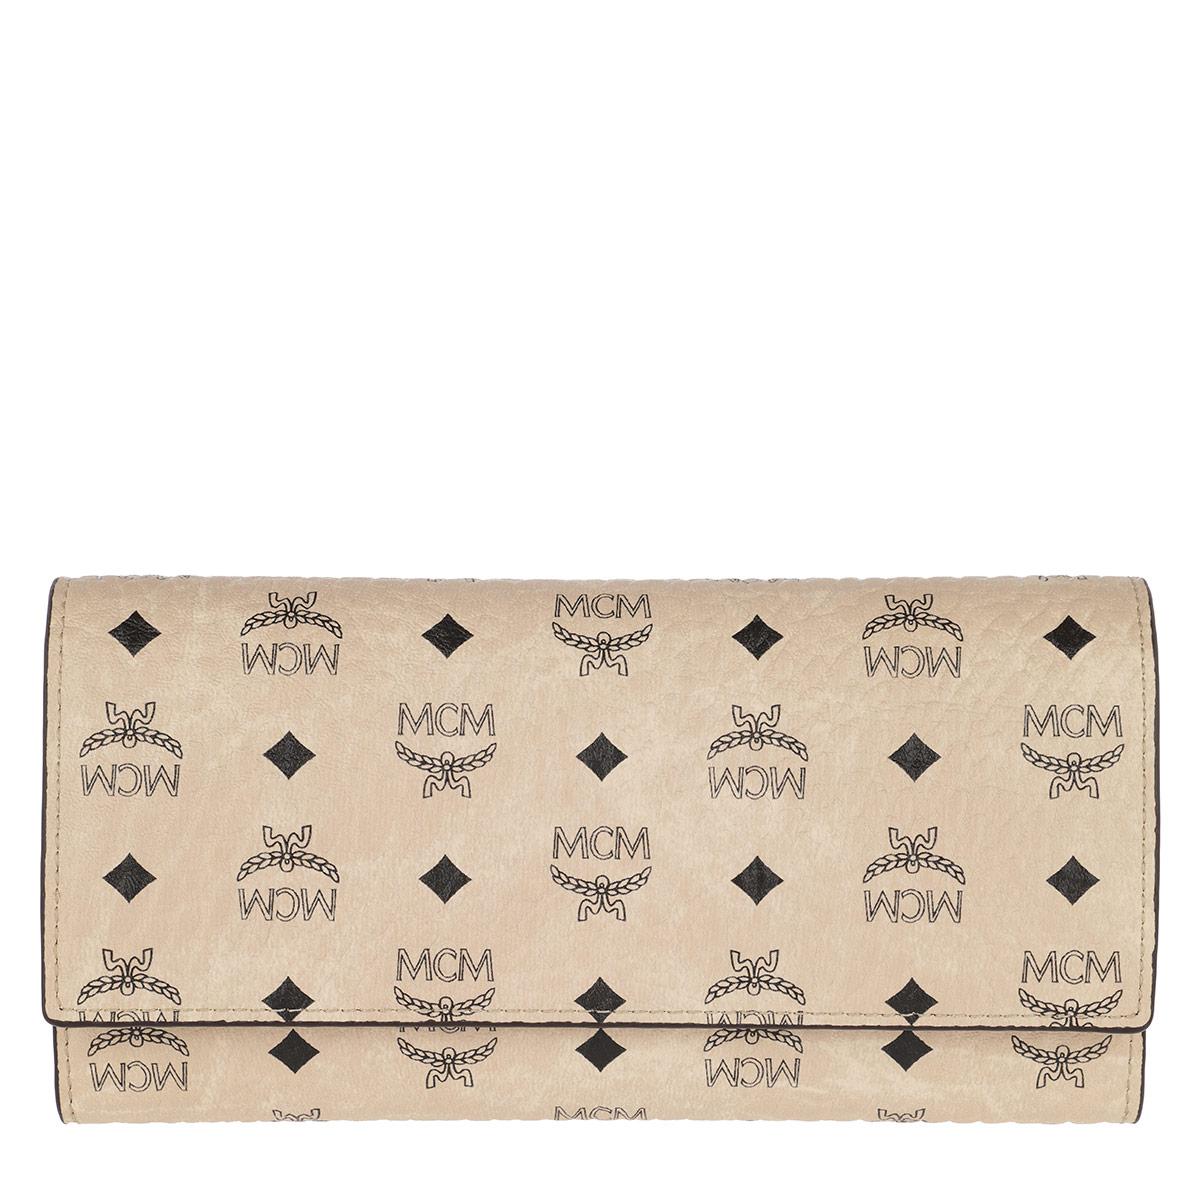 MCM Portemonnaie - Visetos Original Flap Wallet Large Beige - in beige - für Damen